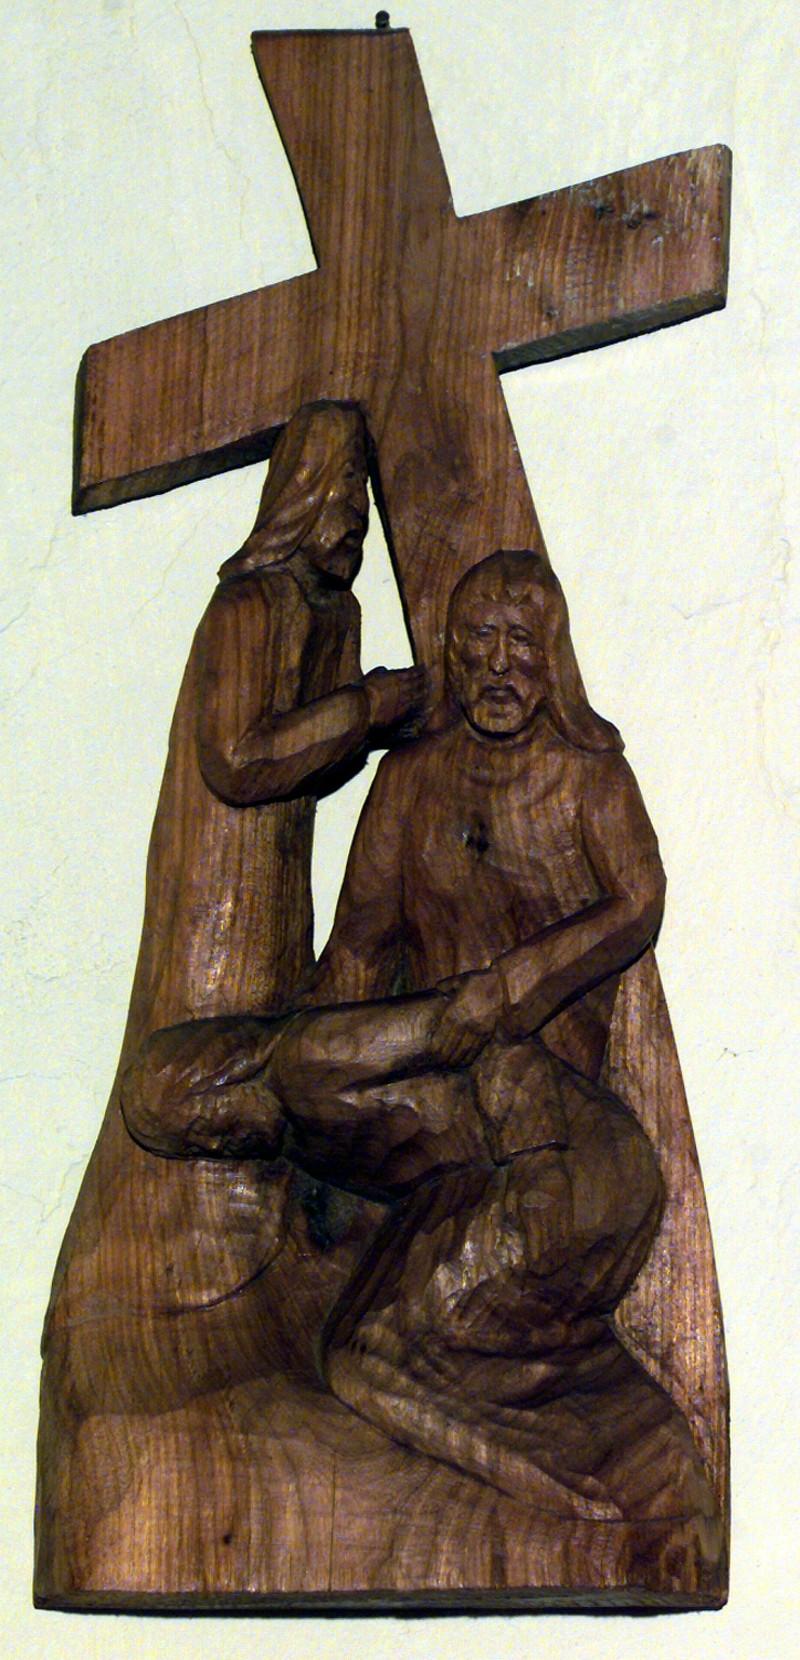 Varischetti G. (1984), Via Crucis stazione III